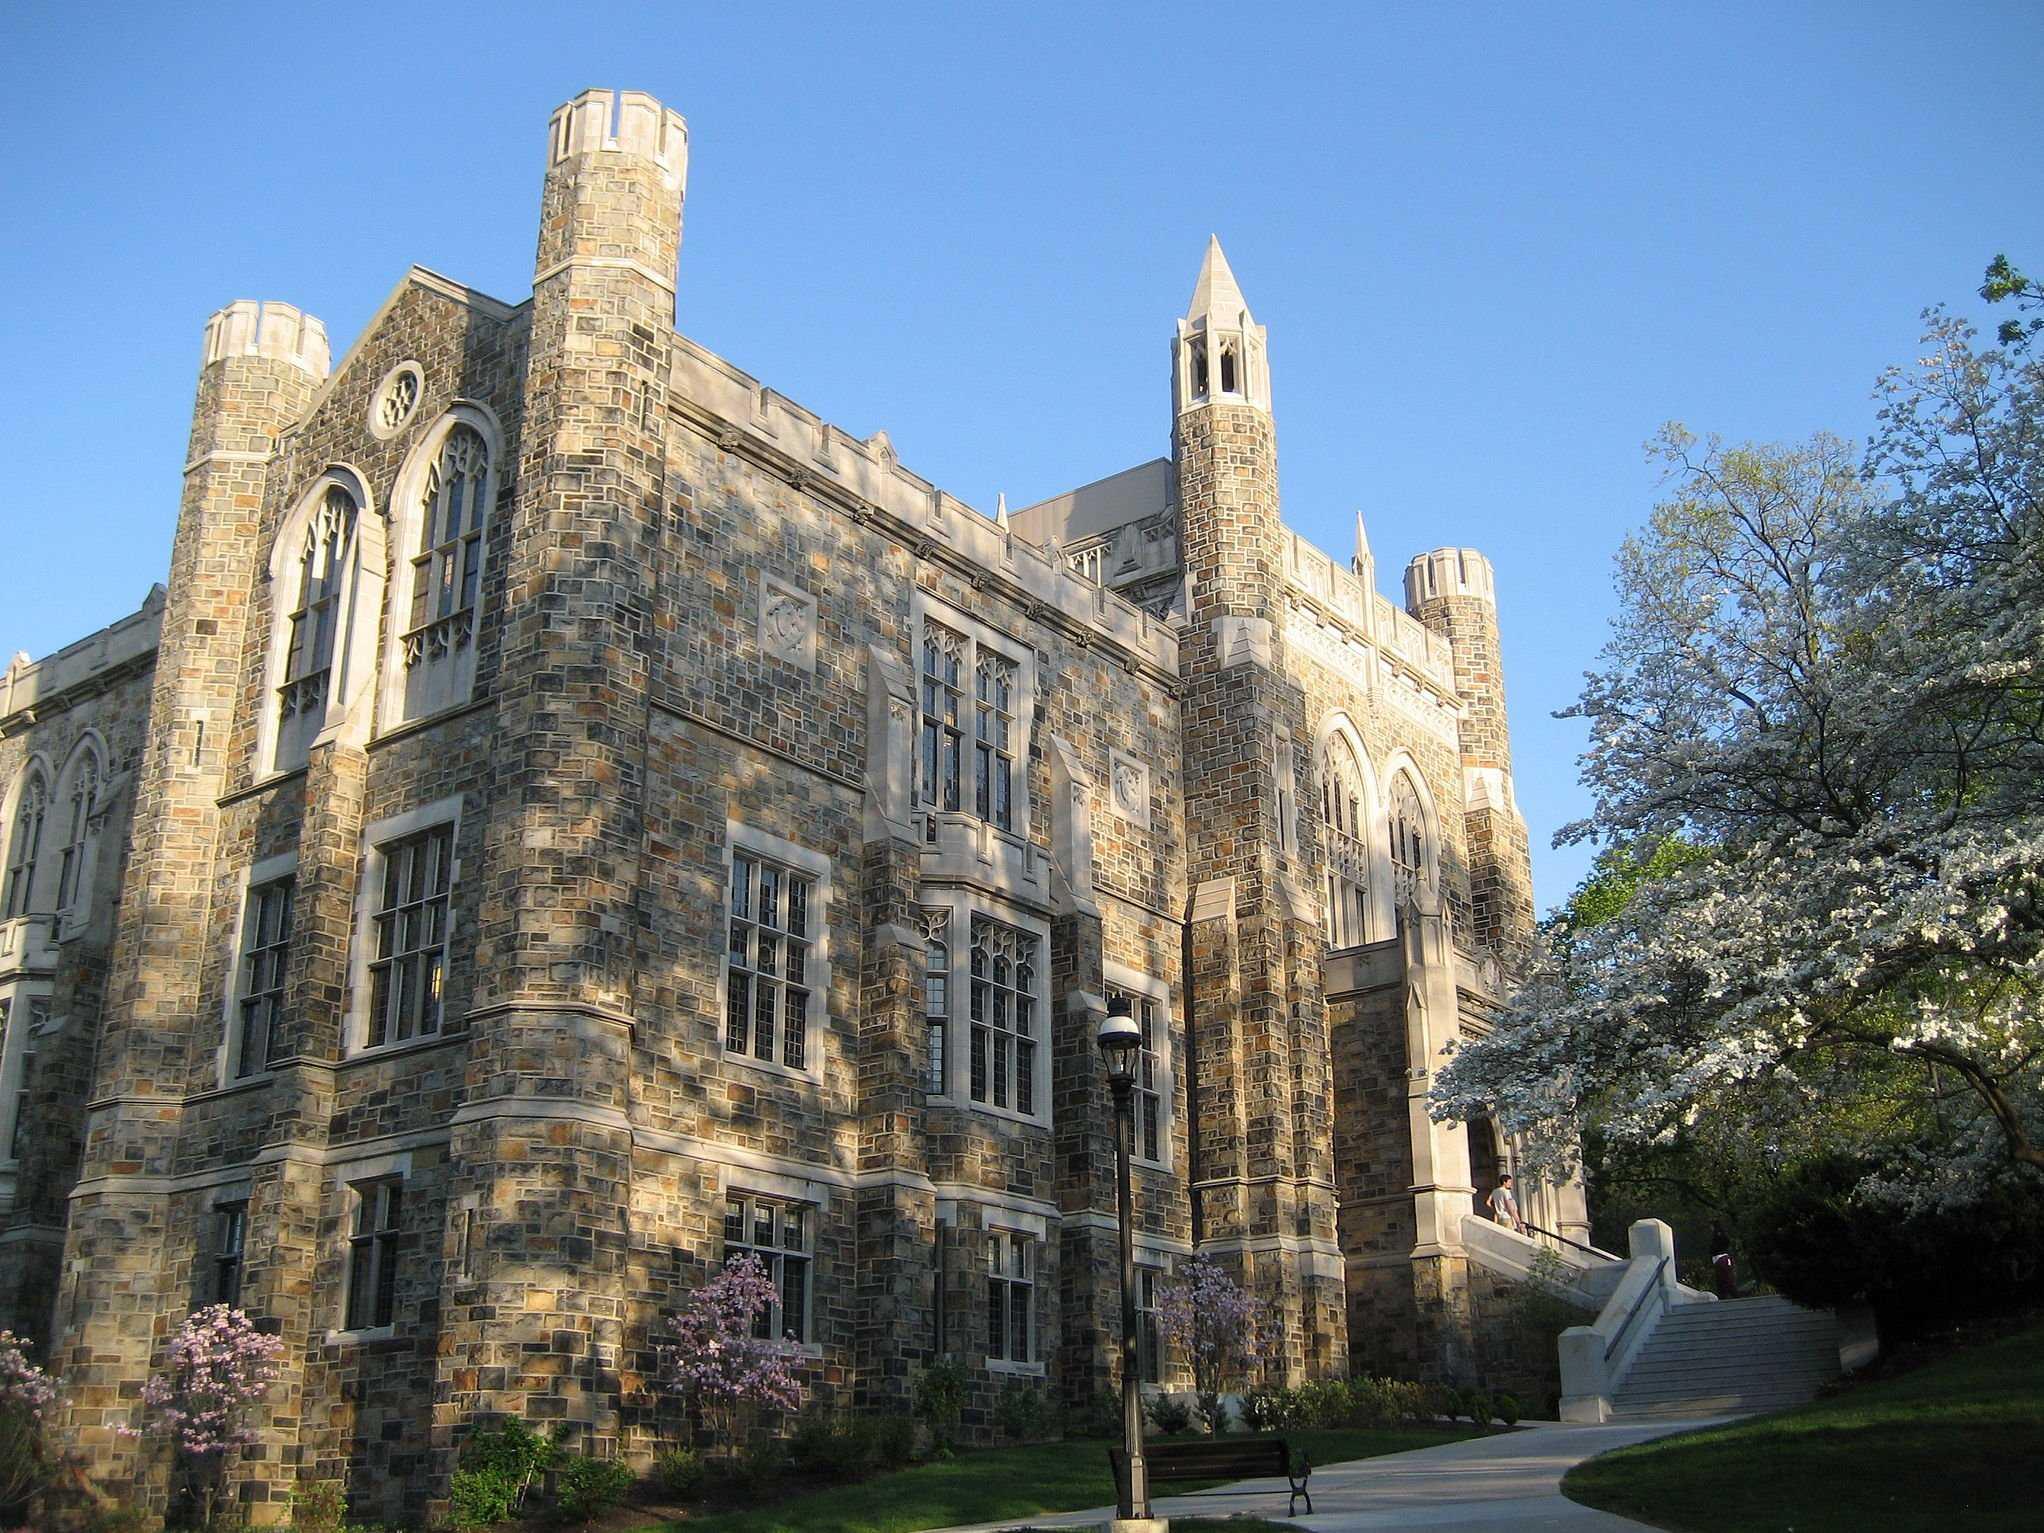 45 (TIE). Lehigh University